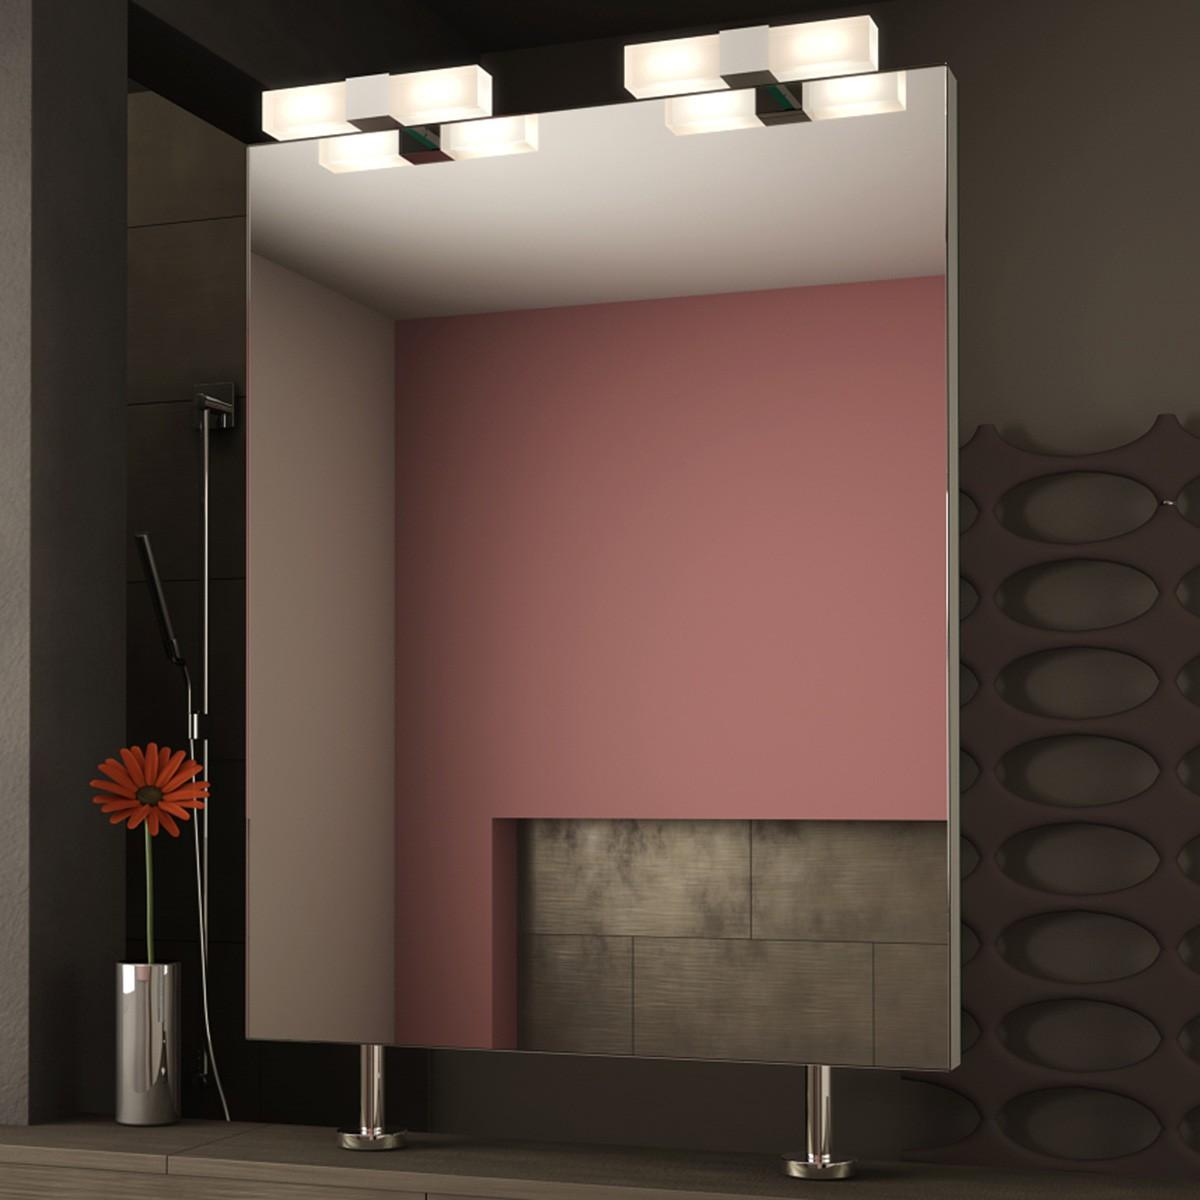 spiegel raumteiler leuchte martha exklusive spiegel. Black Bedroom Furniture Sets. Home Design Ideas